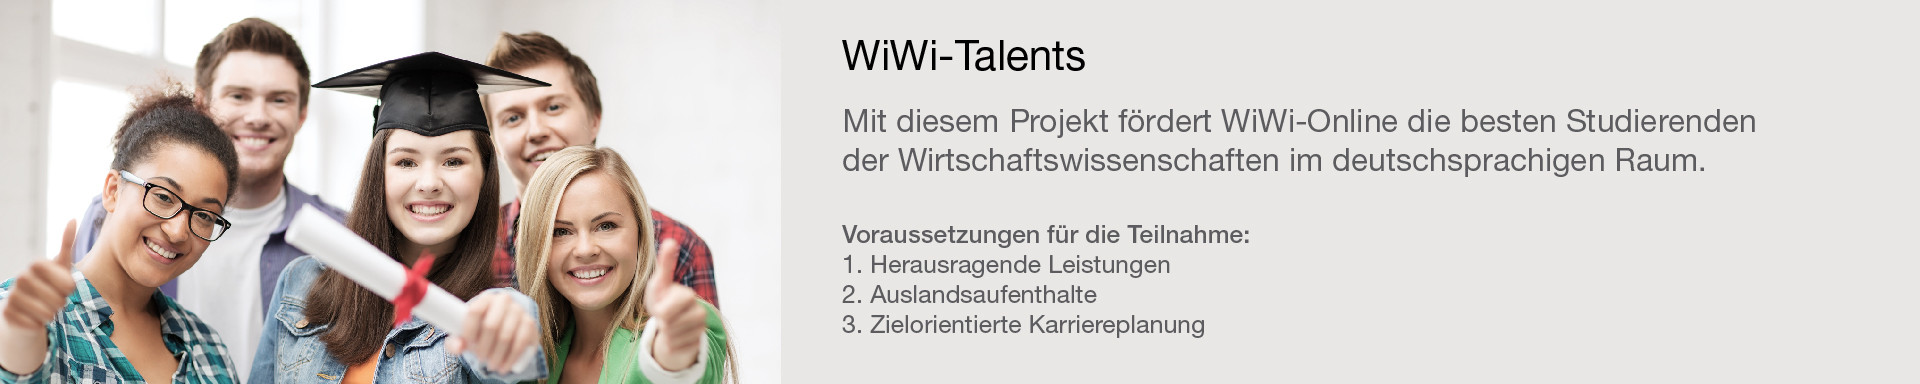 WiWi-Talents Programm